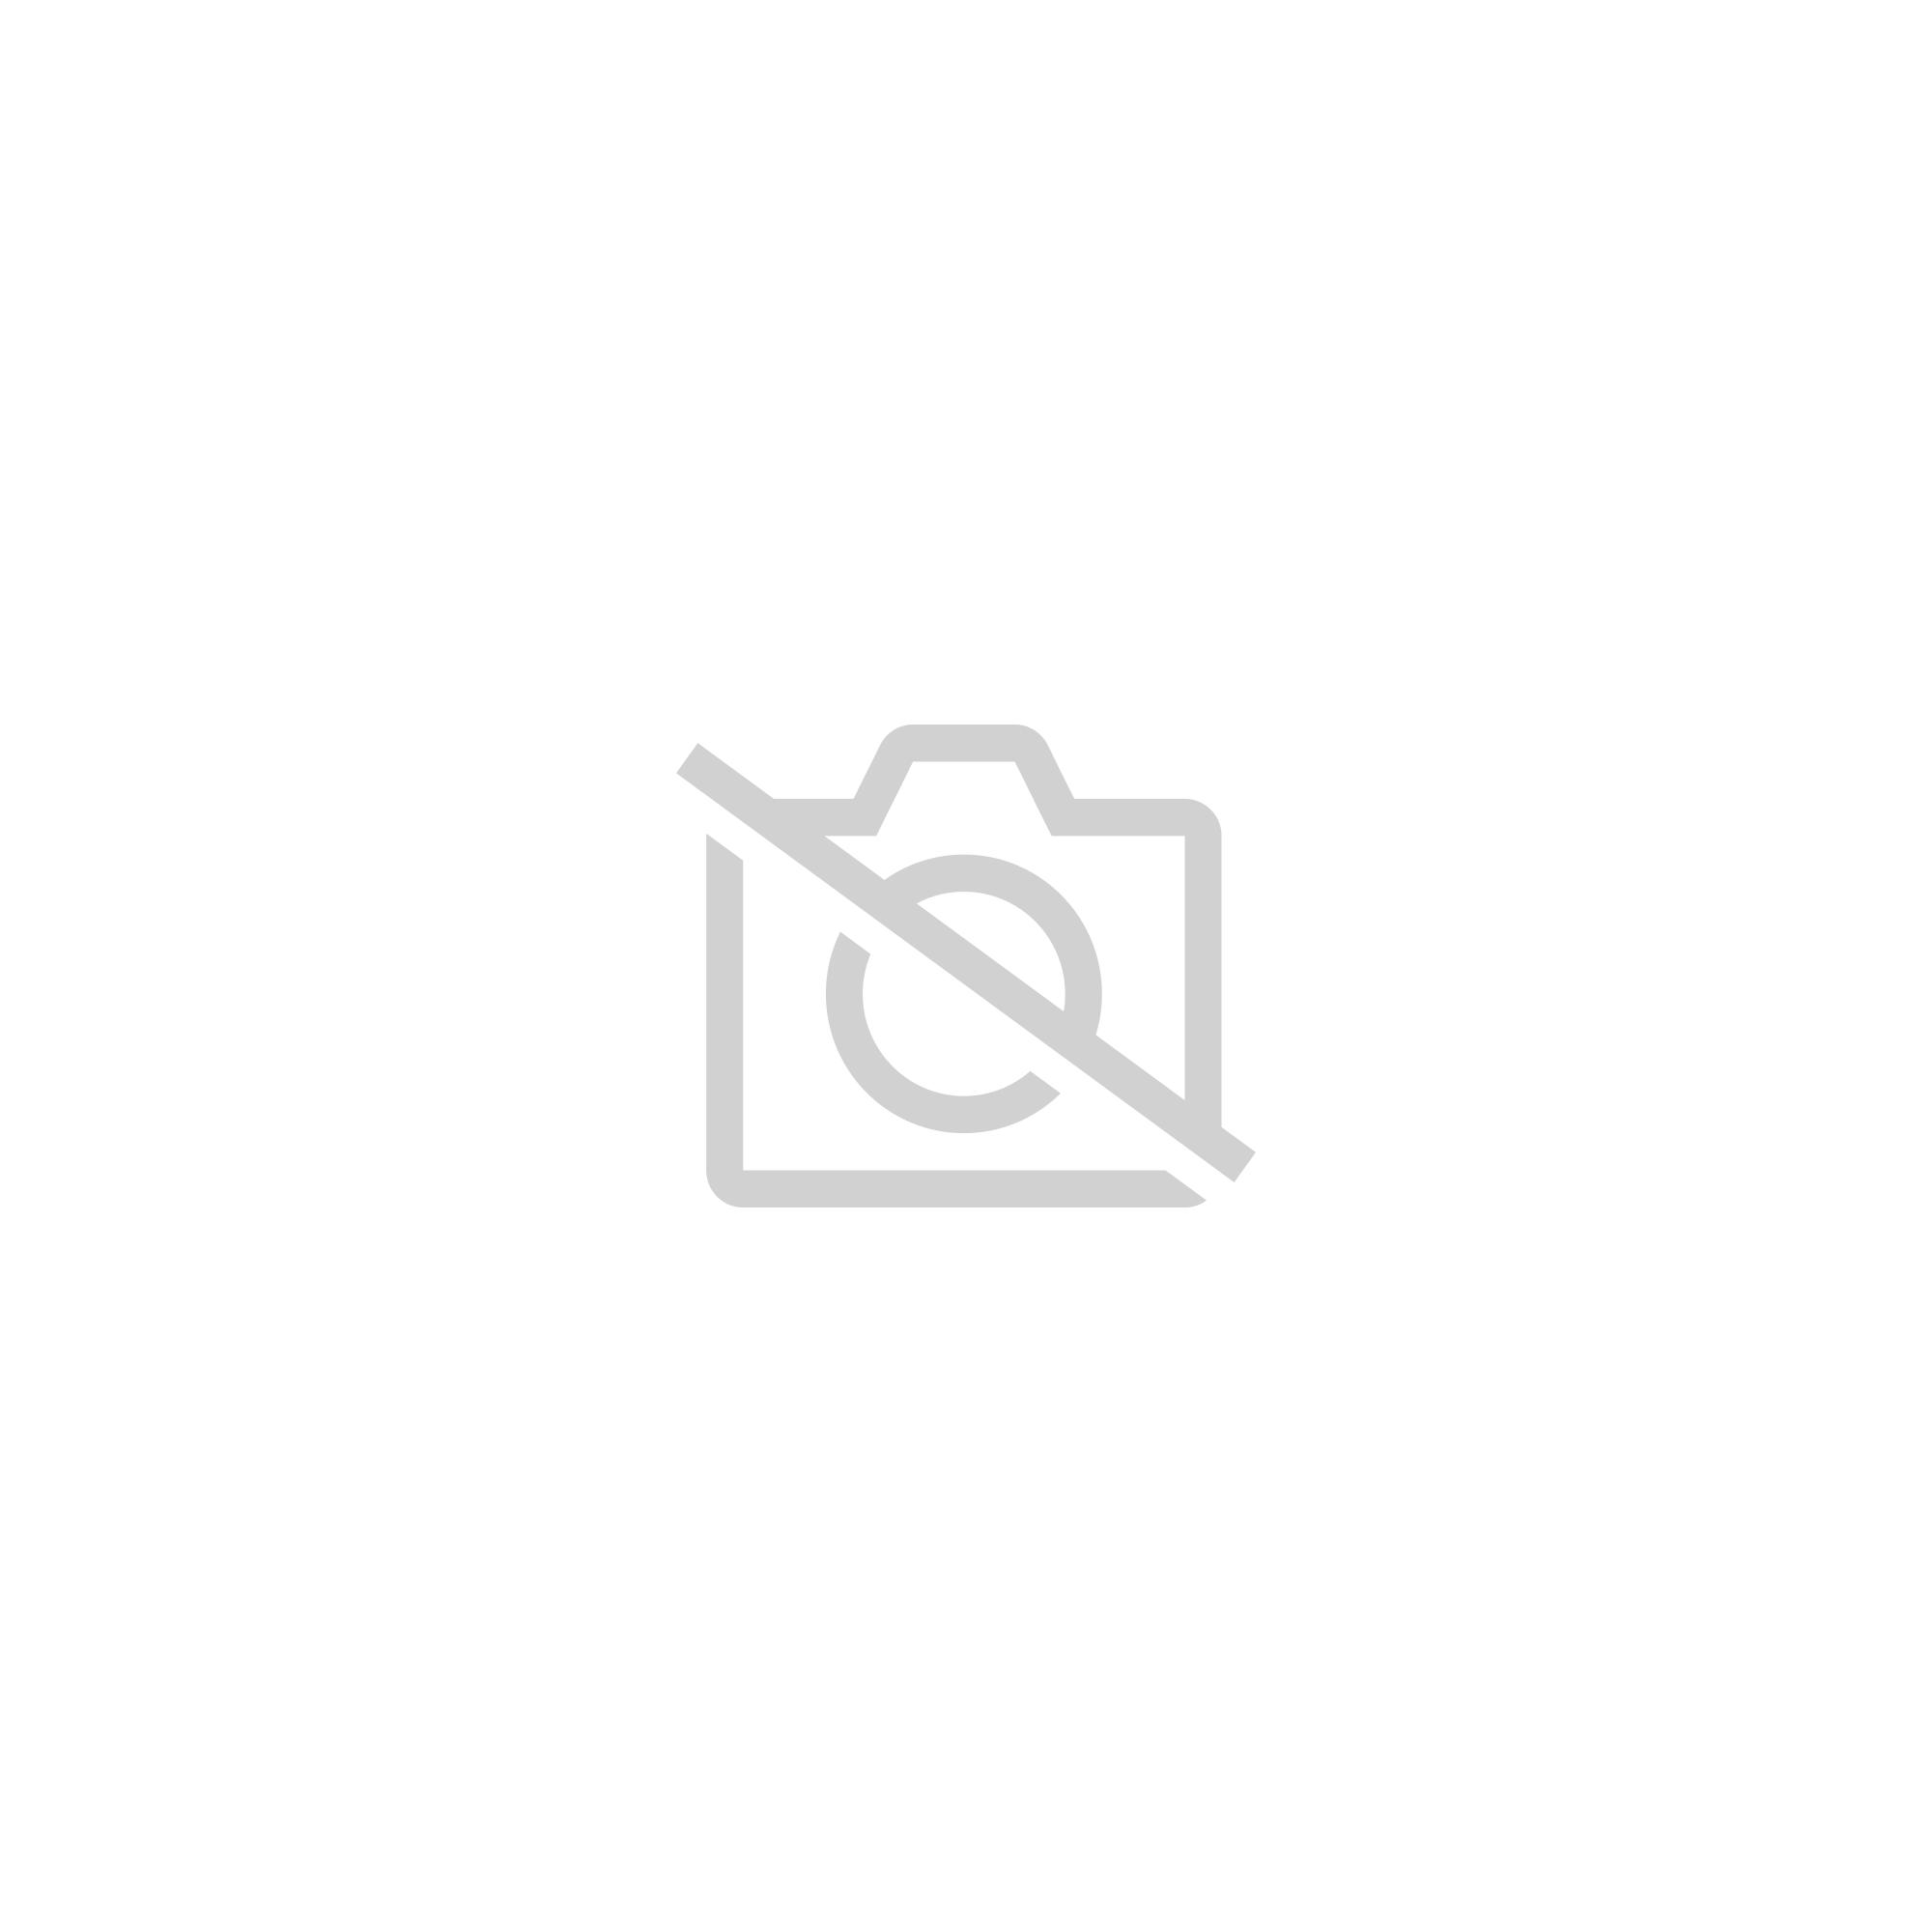 lunettes soleil mouche pas cher ou d occasion sur Rakuten cdef780bfd92